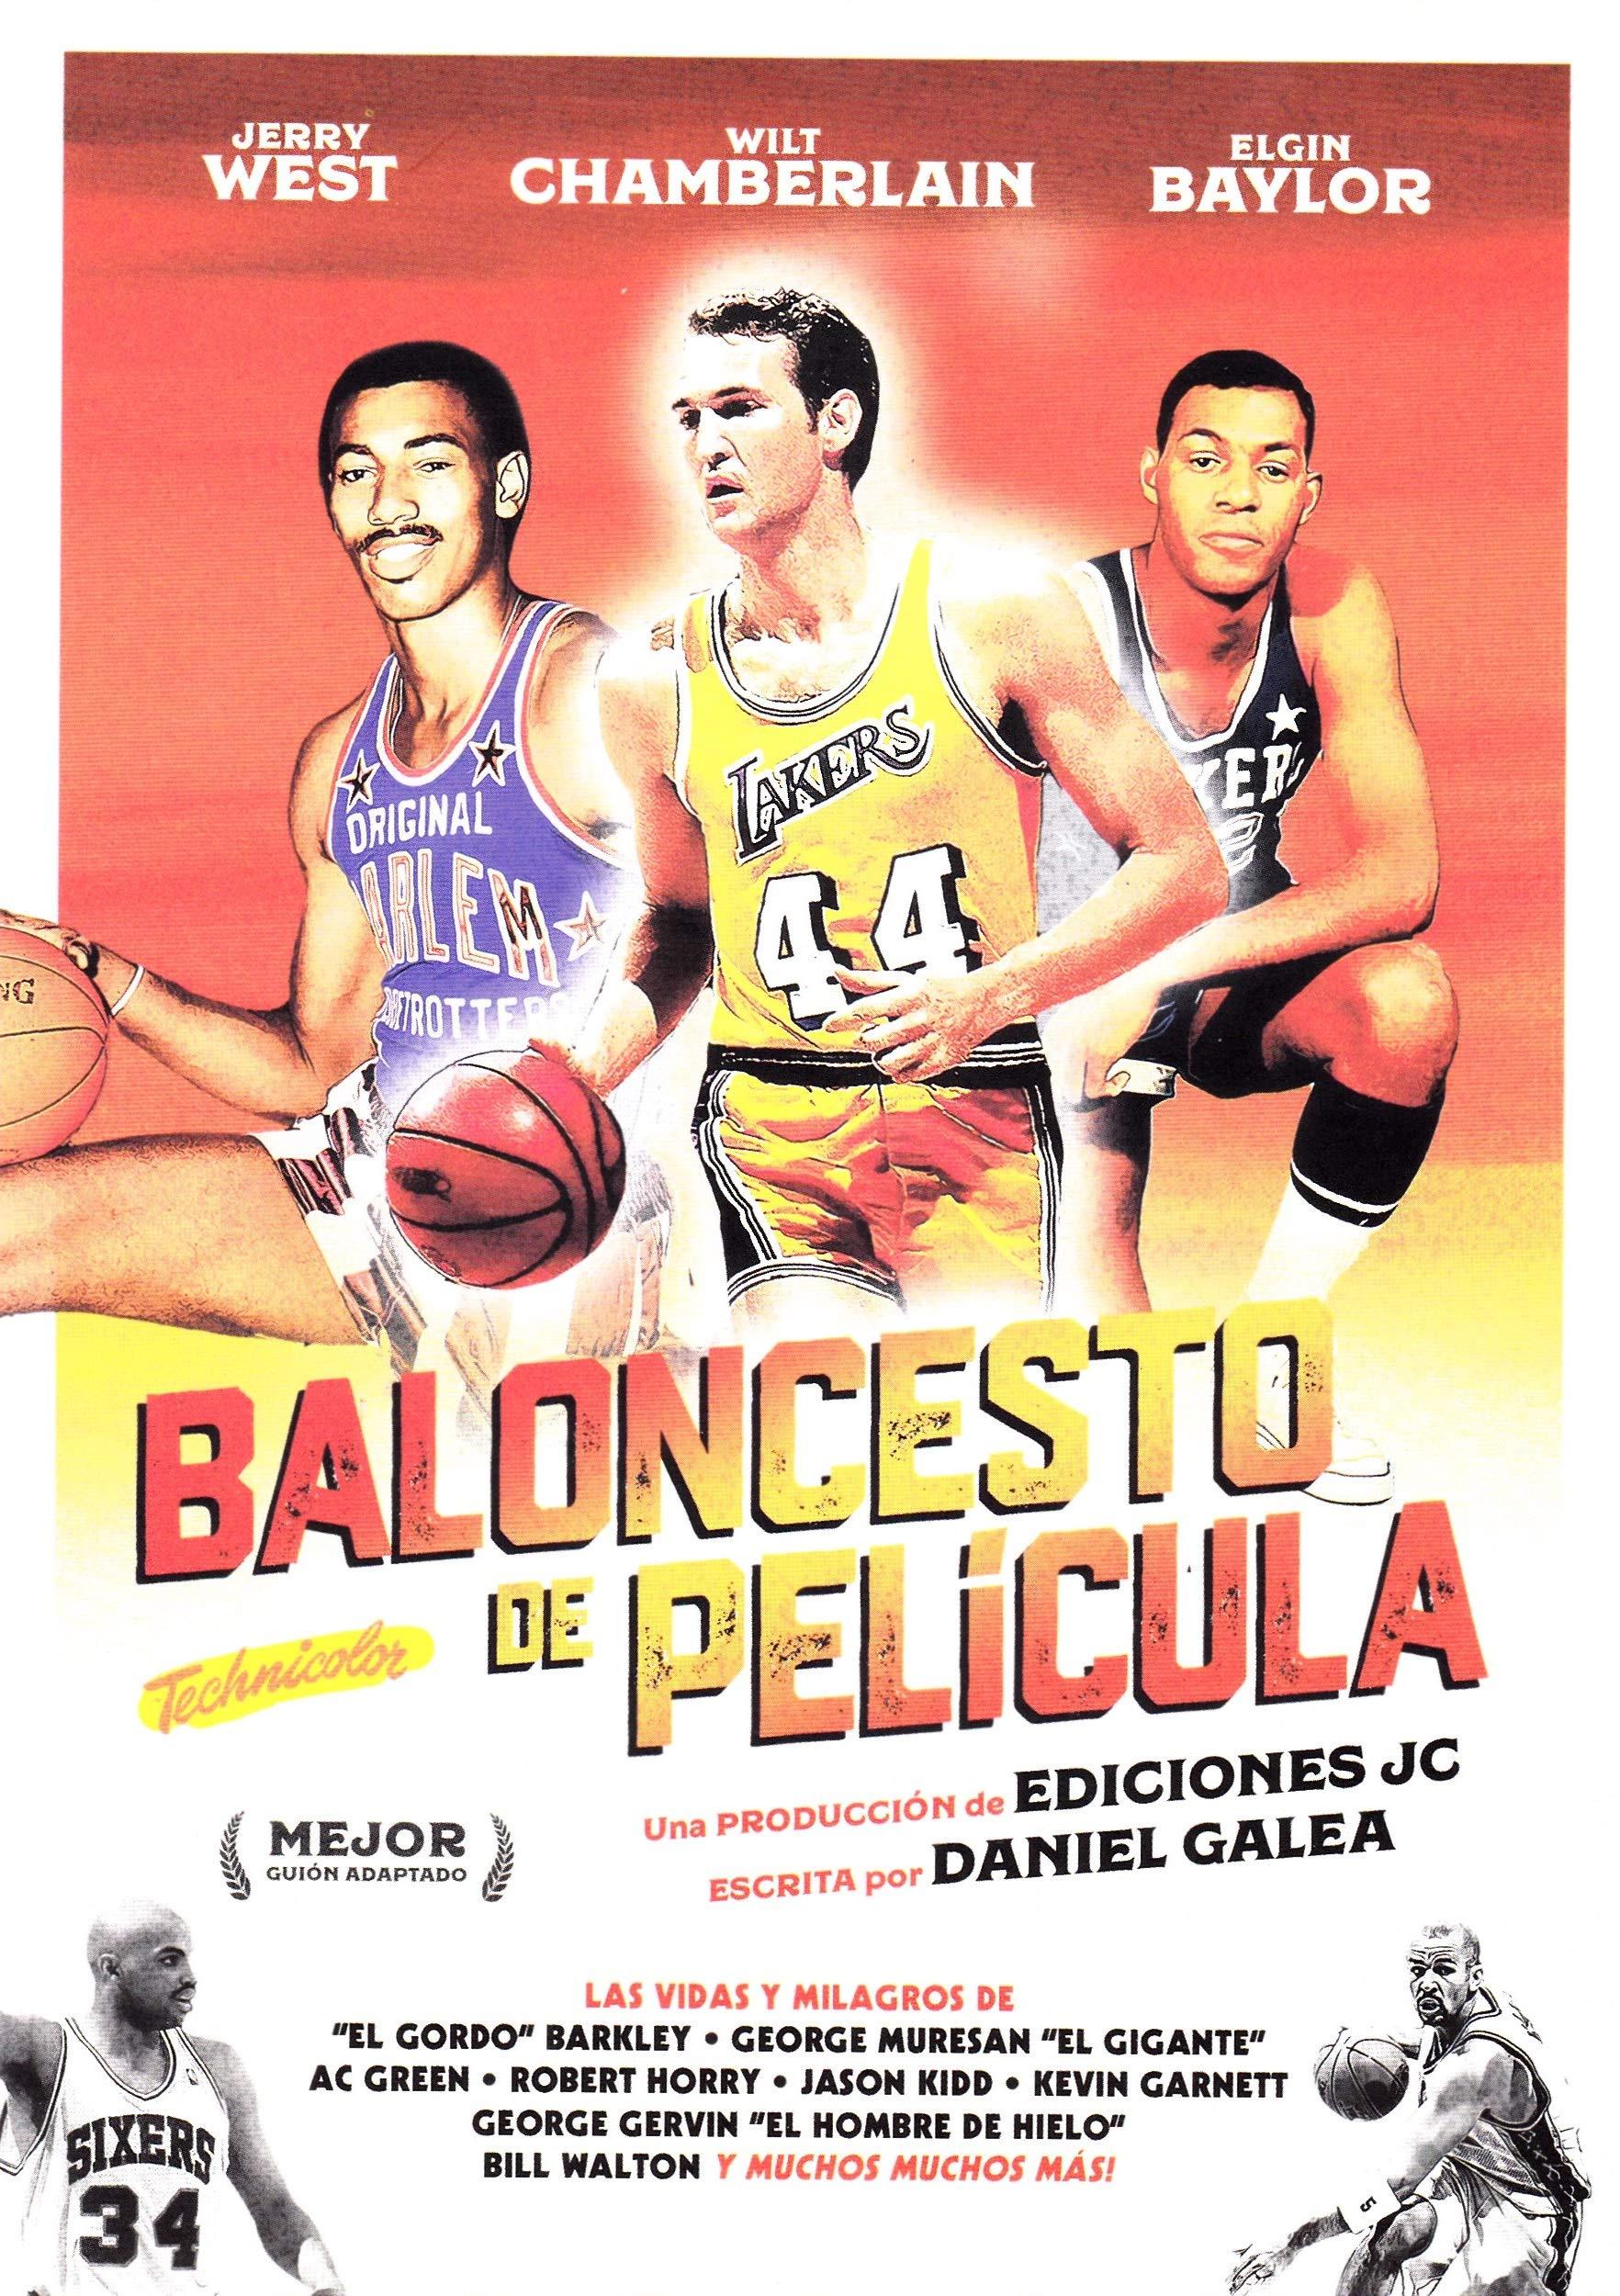 Baloncesto de película (Baloncesto para leer): Amazon.es: Galea Monreal, Daniel: Libros